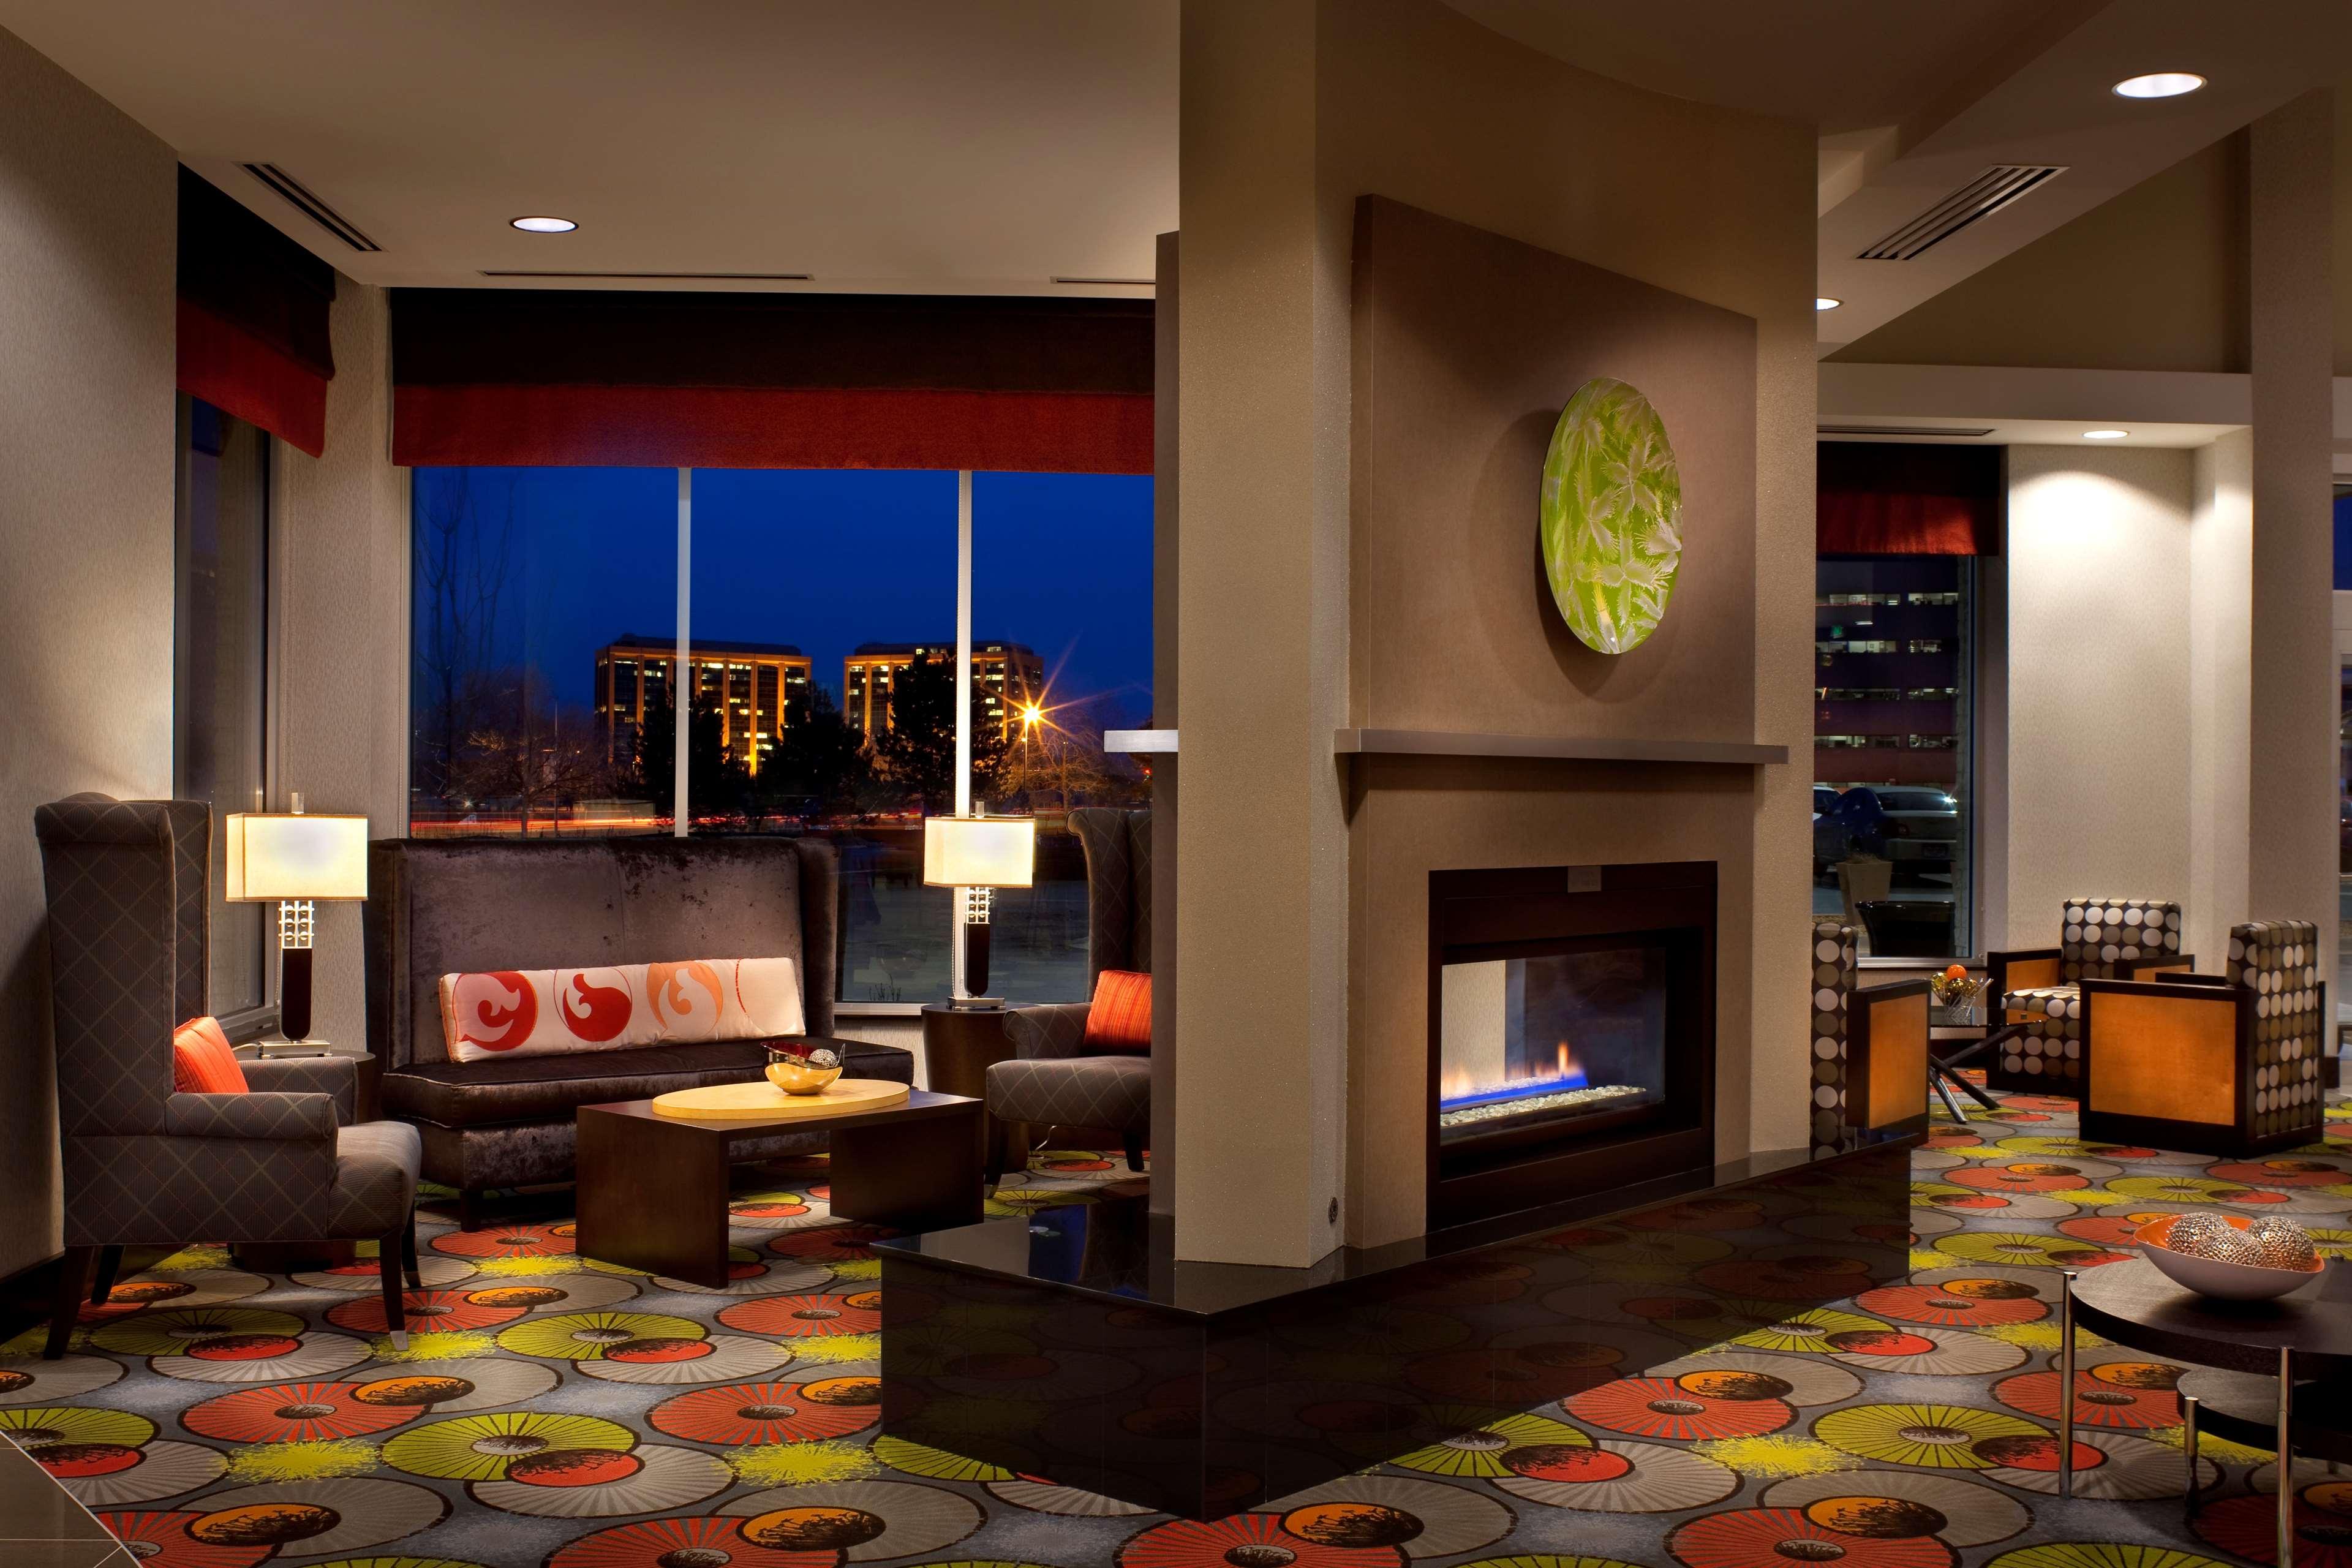 Hilton Garden Inn Denver/Cherry Creek image 1